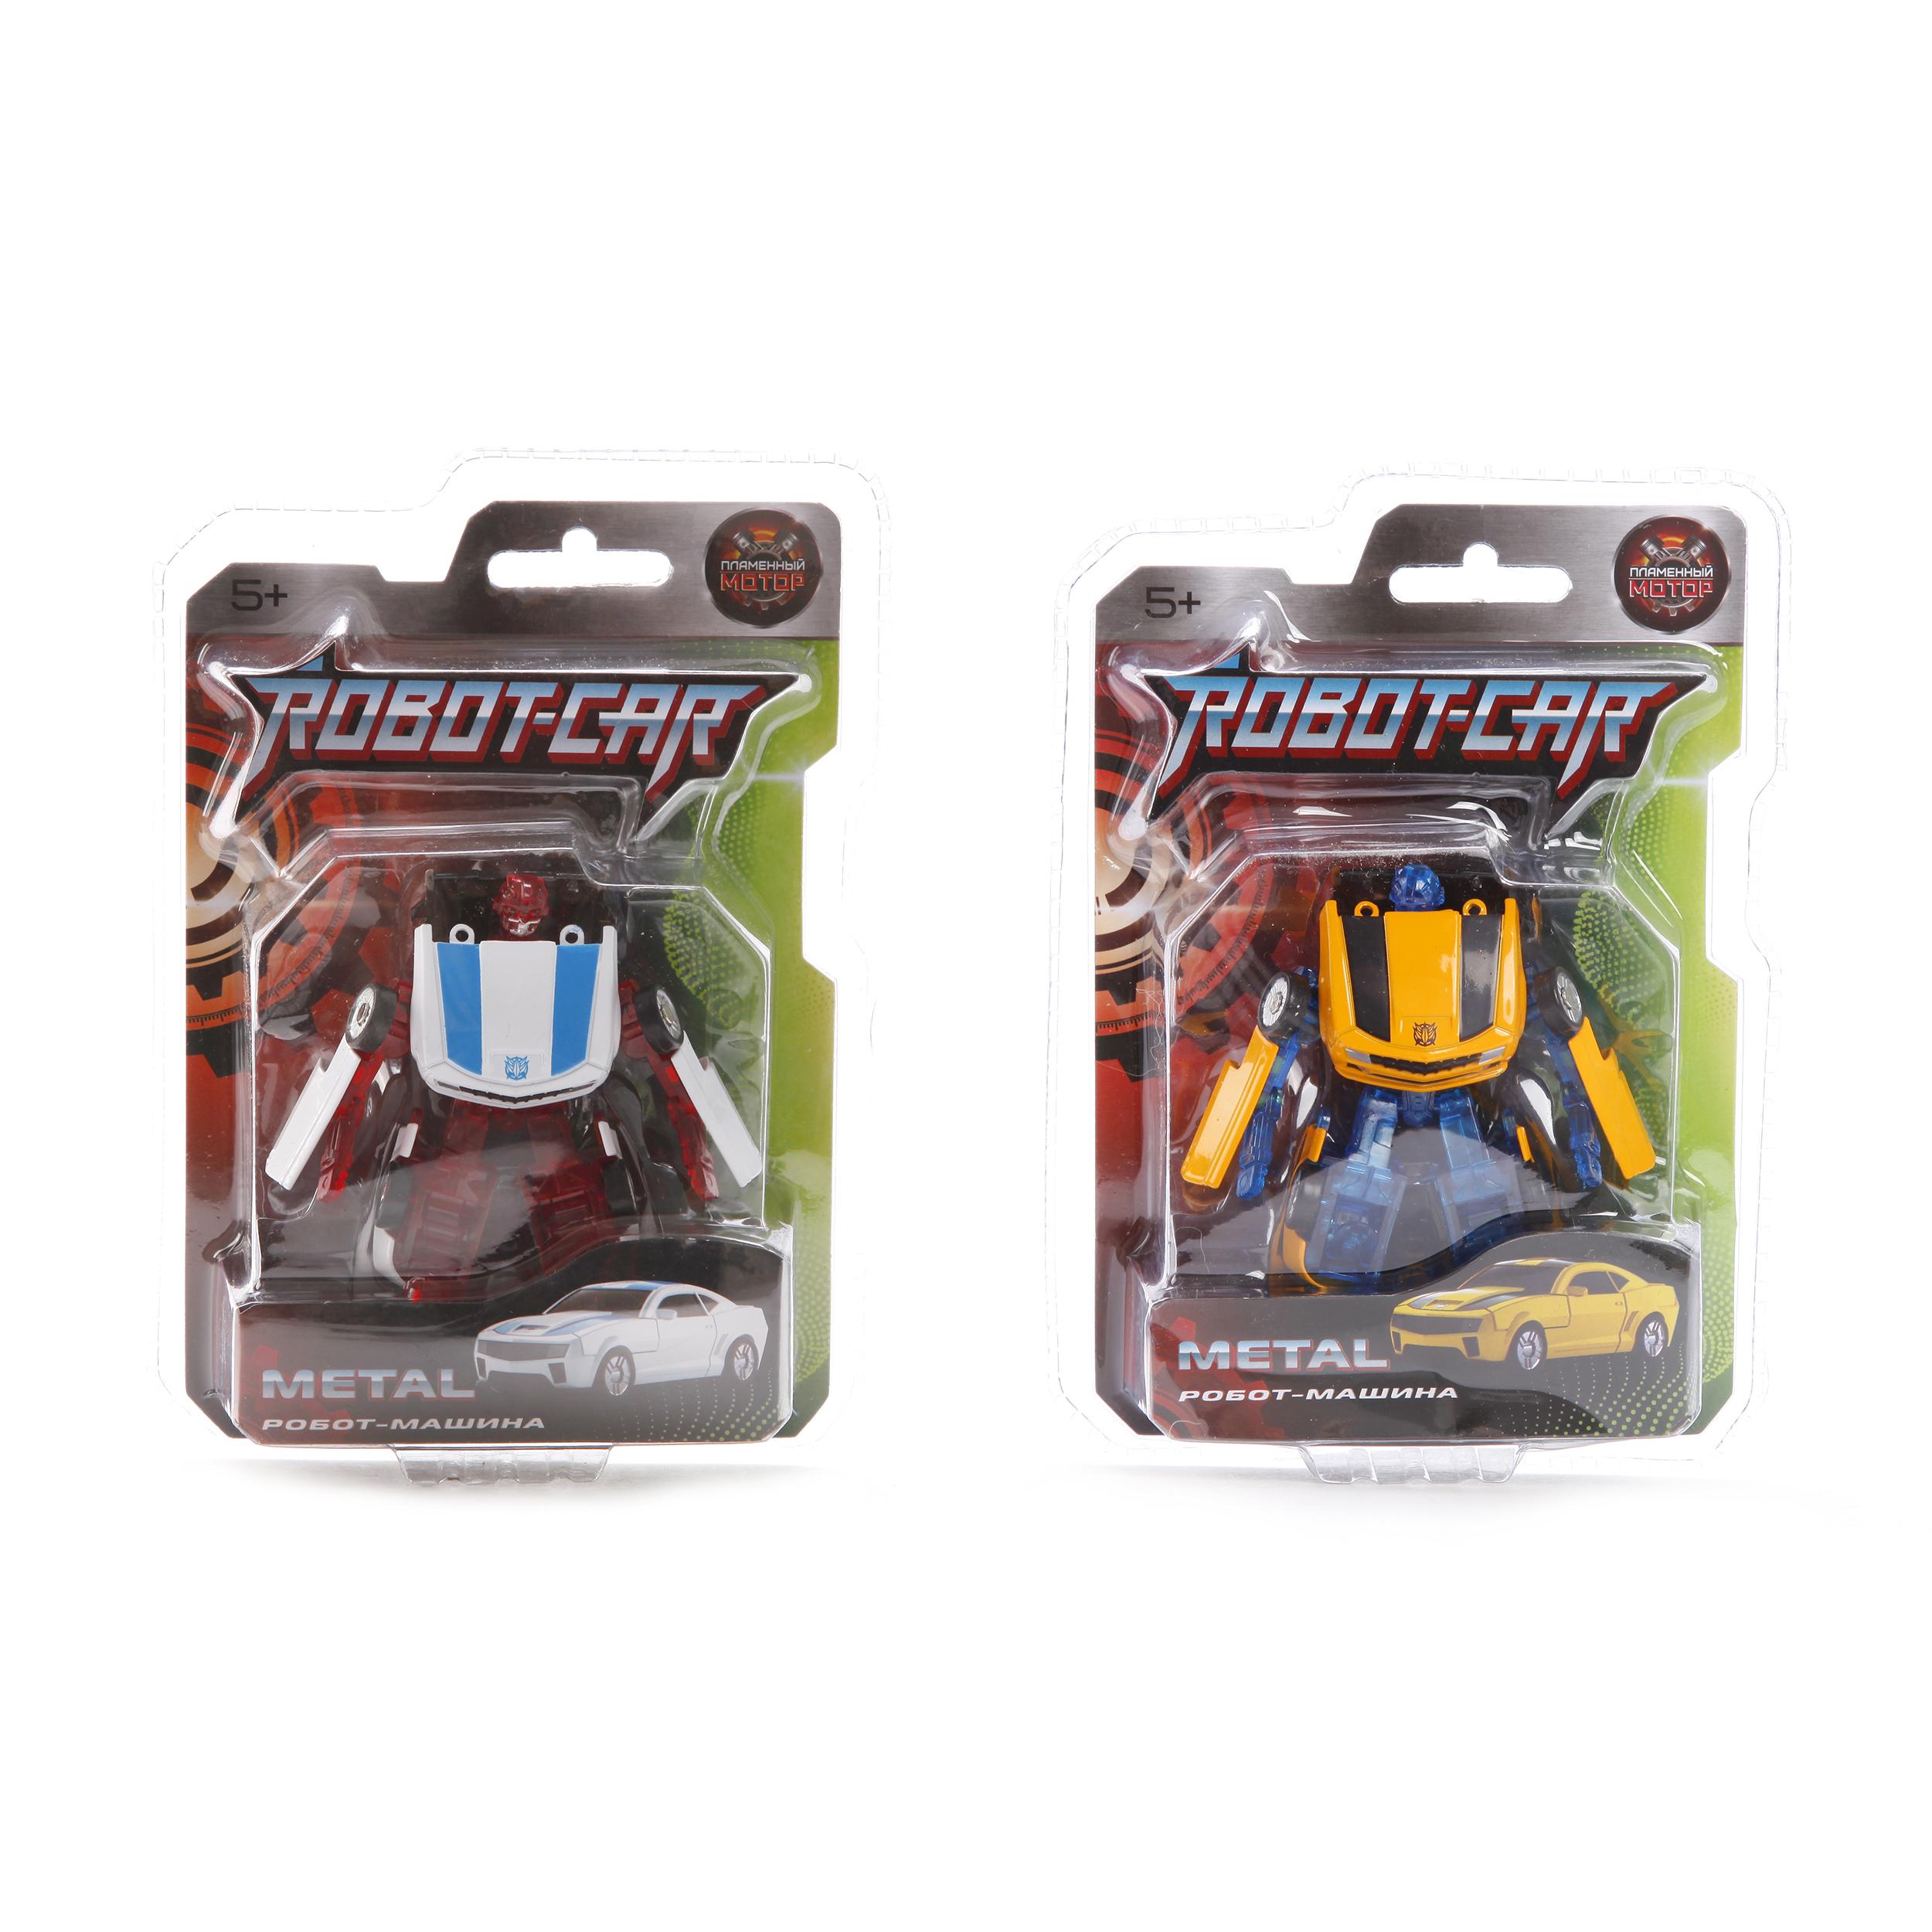 Робот-трансформер Shantou Gepai Машина-Космобот трансформеры shantou gepai робот трансформер пламенный мотор машина космобот в асс